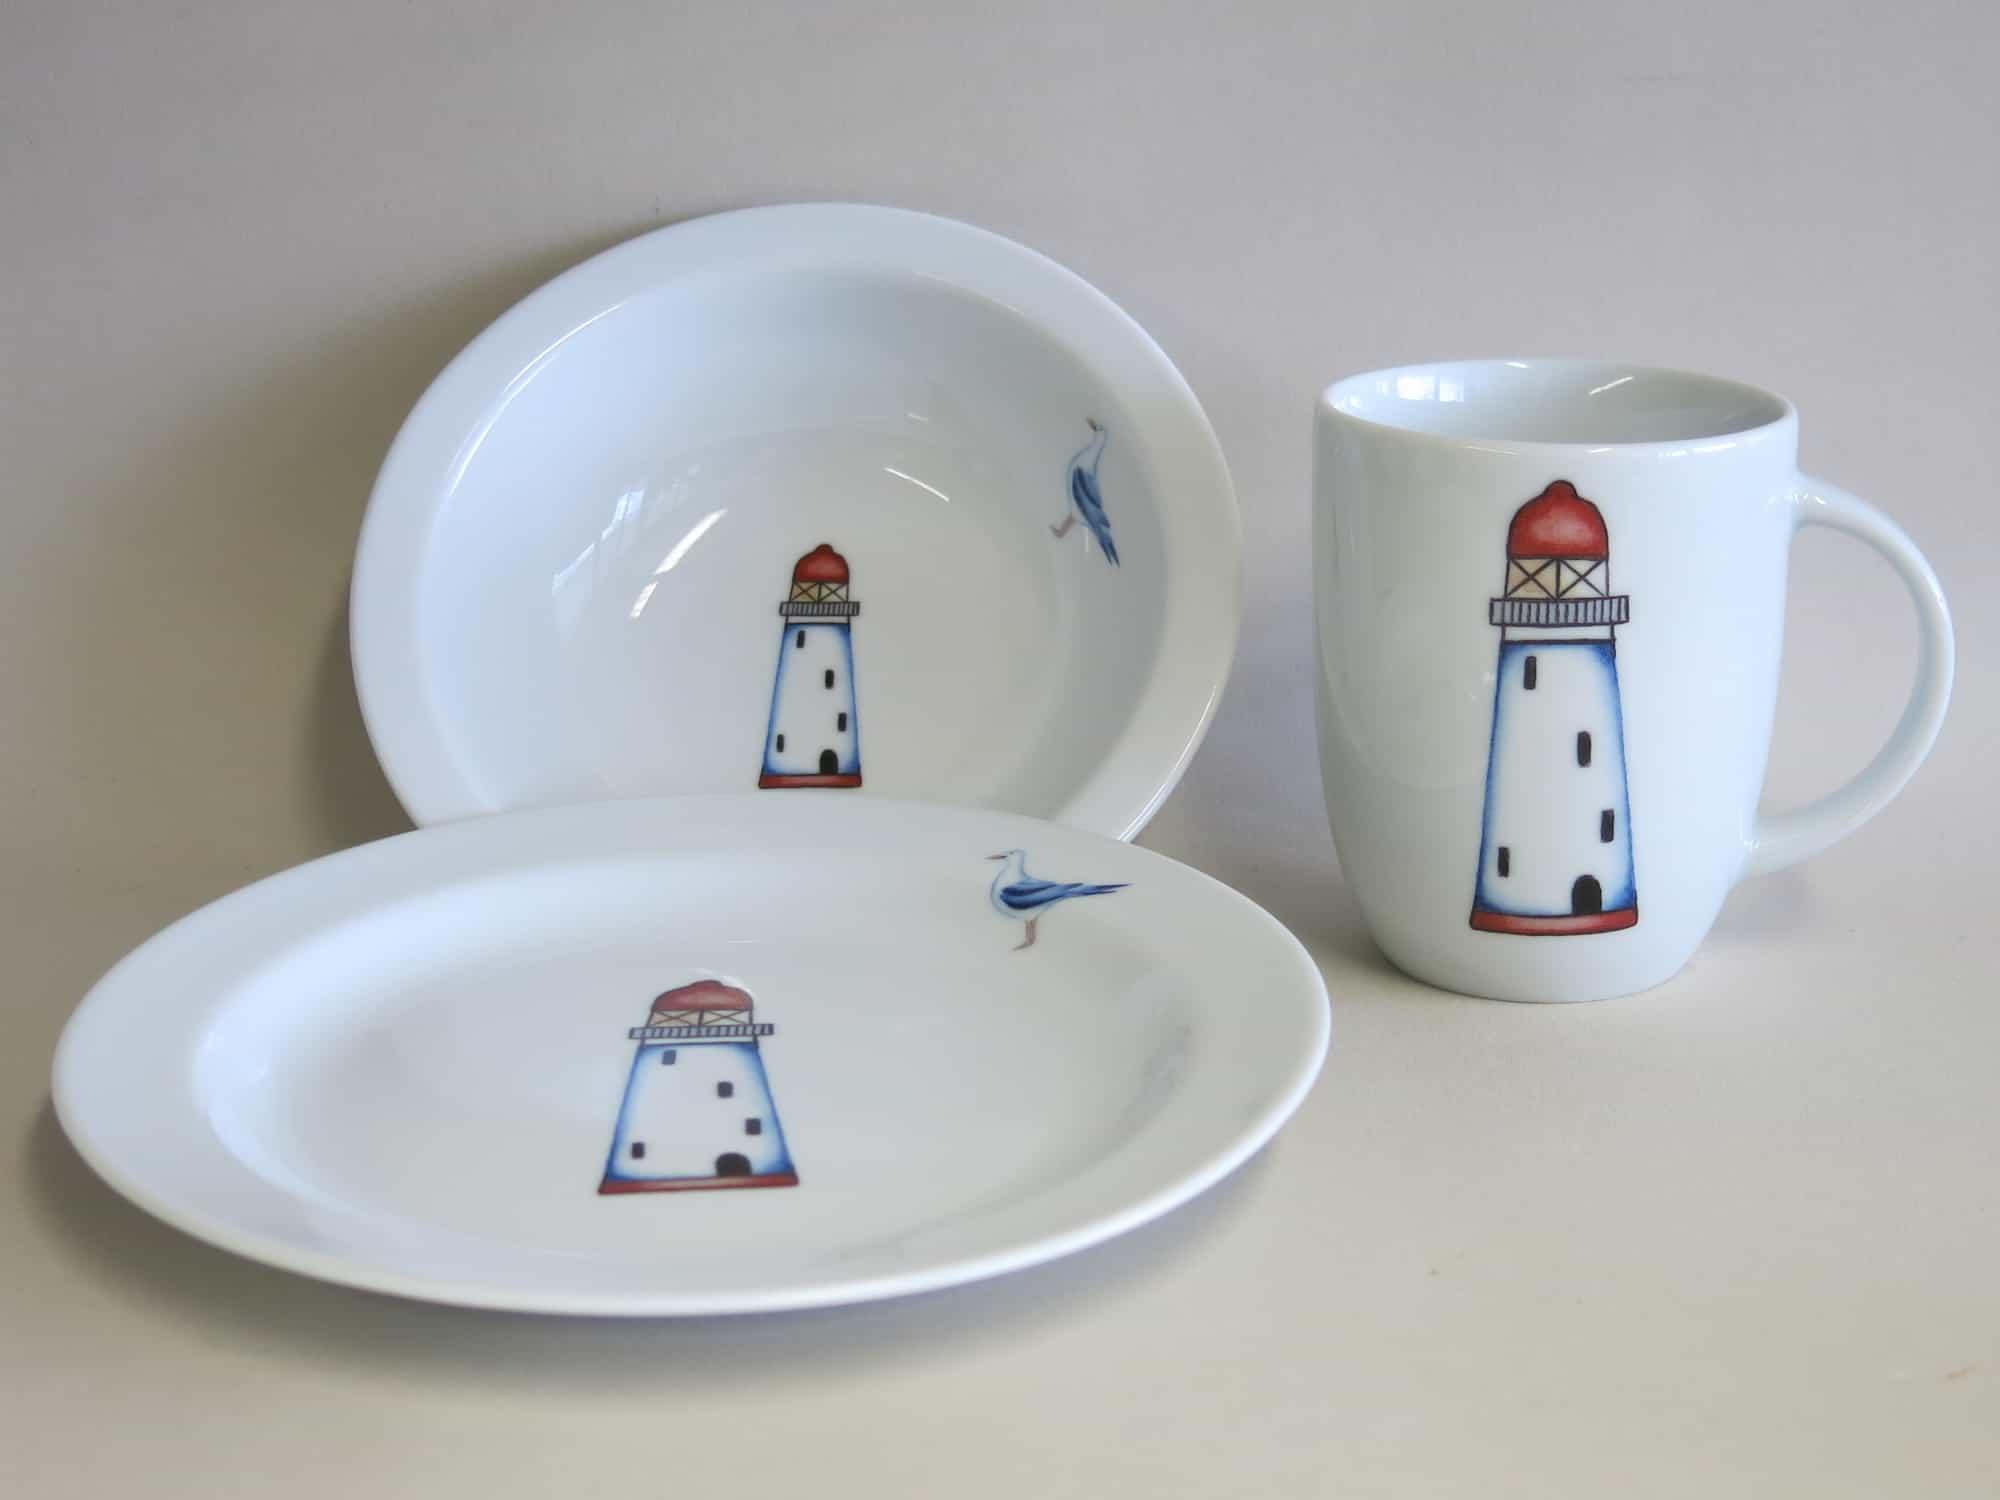 Kindergeschirr Porzellan Set kleiner Becher 230ml, Müslischüssel 16cm und flacher Teller 19cm mit Leuchtturm rot